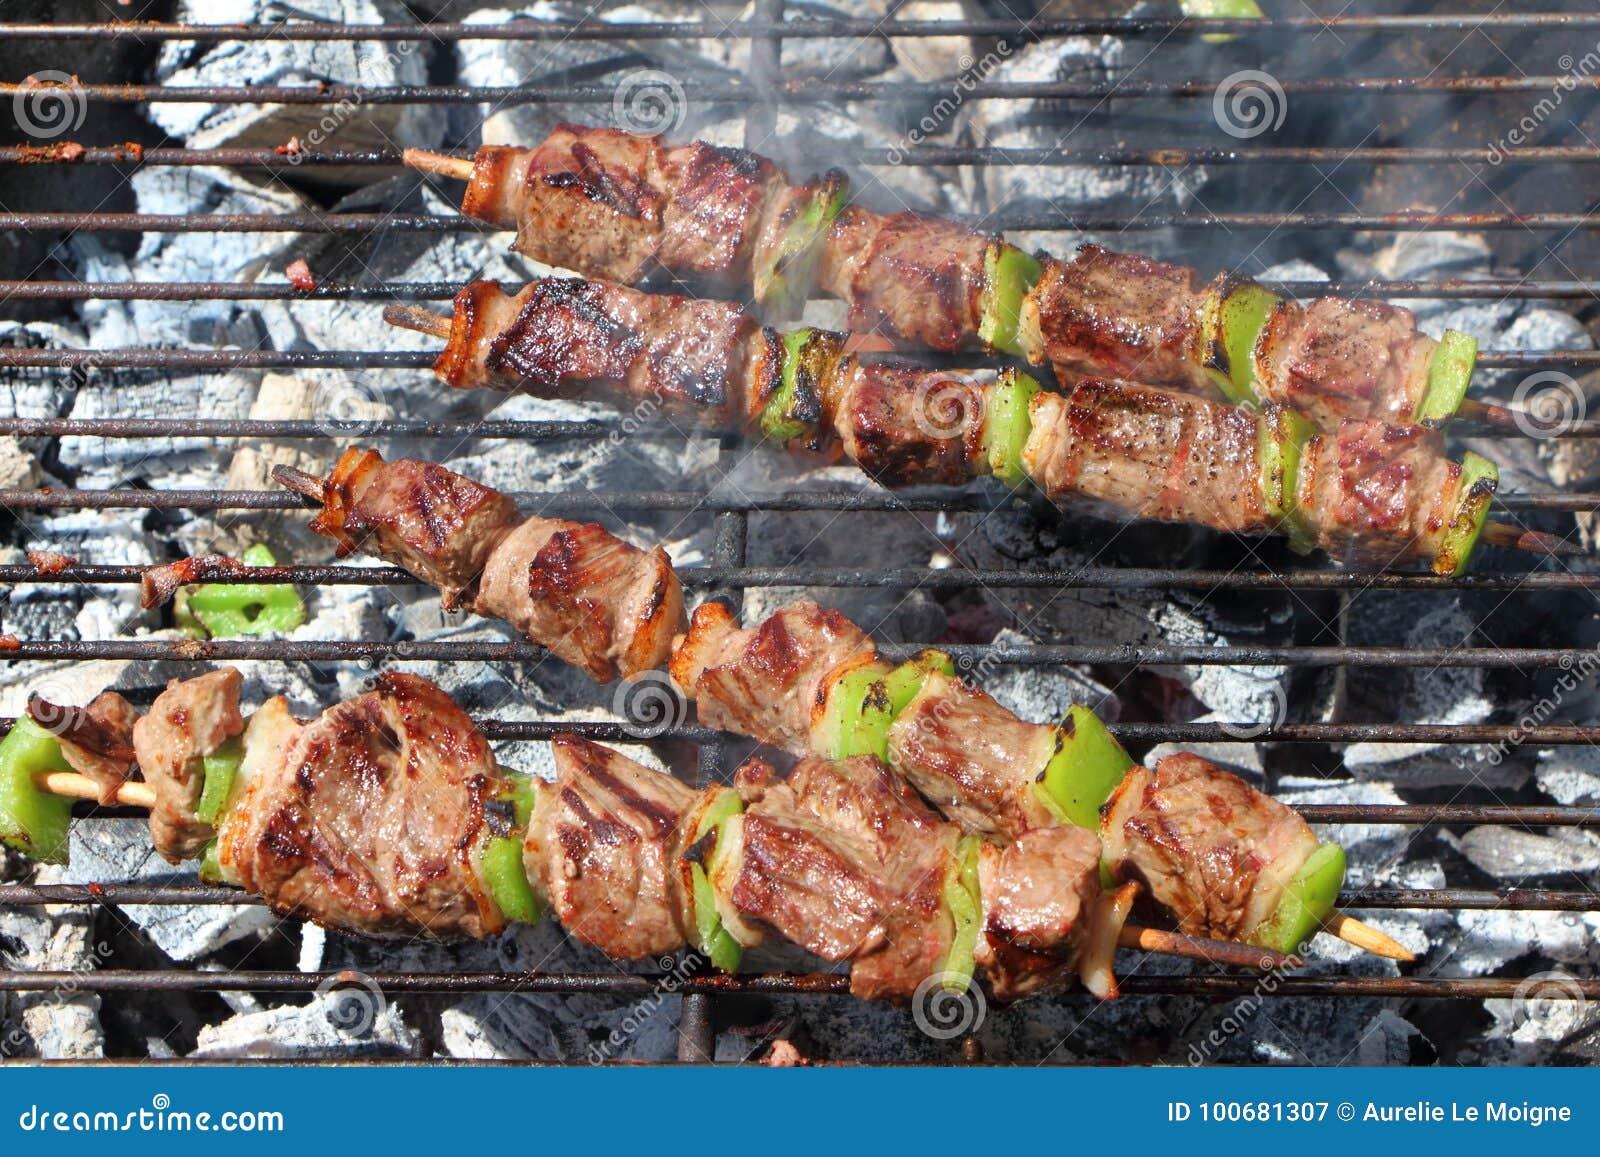 Brochette говядины на барбекю